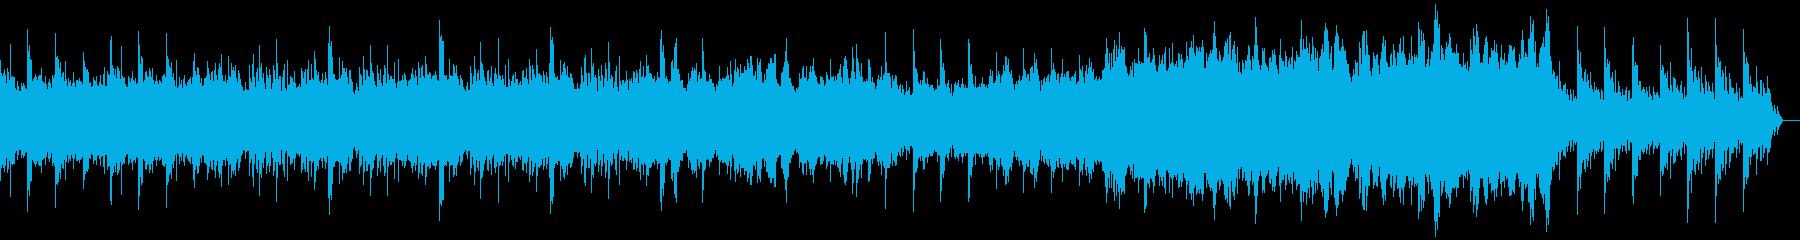 優しく穏やか 幸せ系の映像に の再生済みの波形